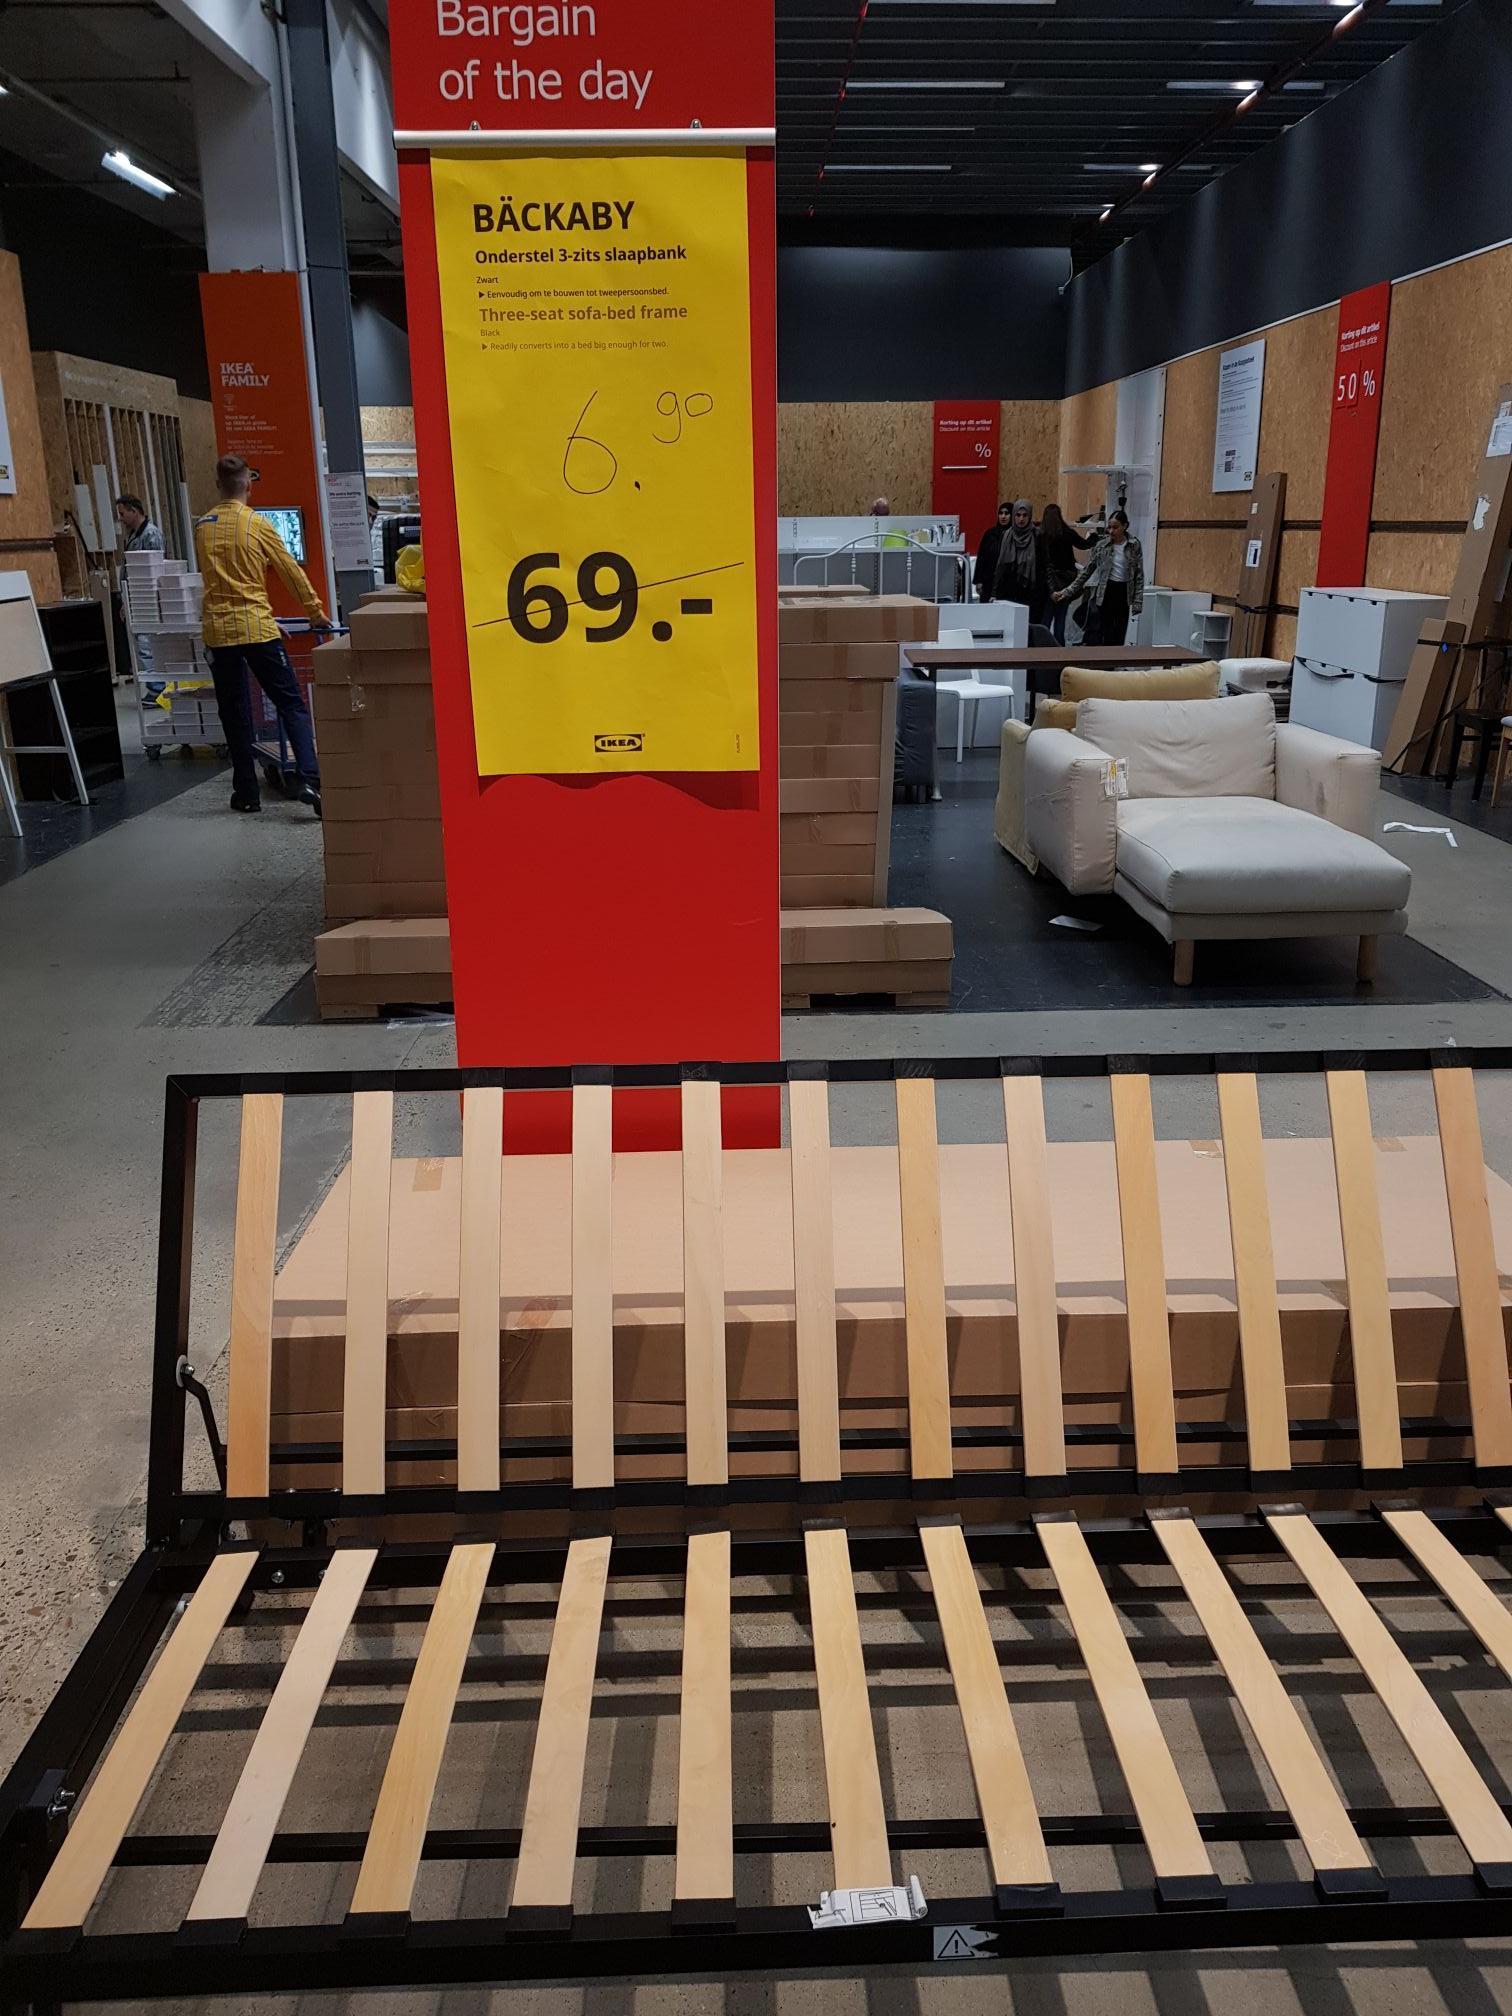 Ikea Delft Båckbaby onderstel 3-zitbank